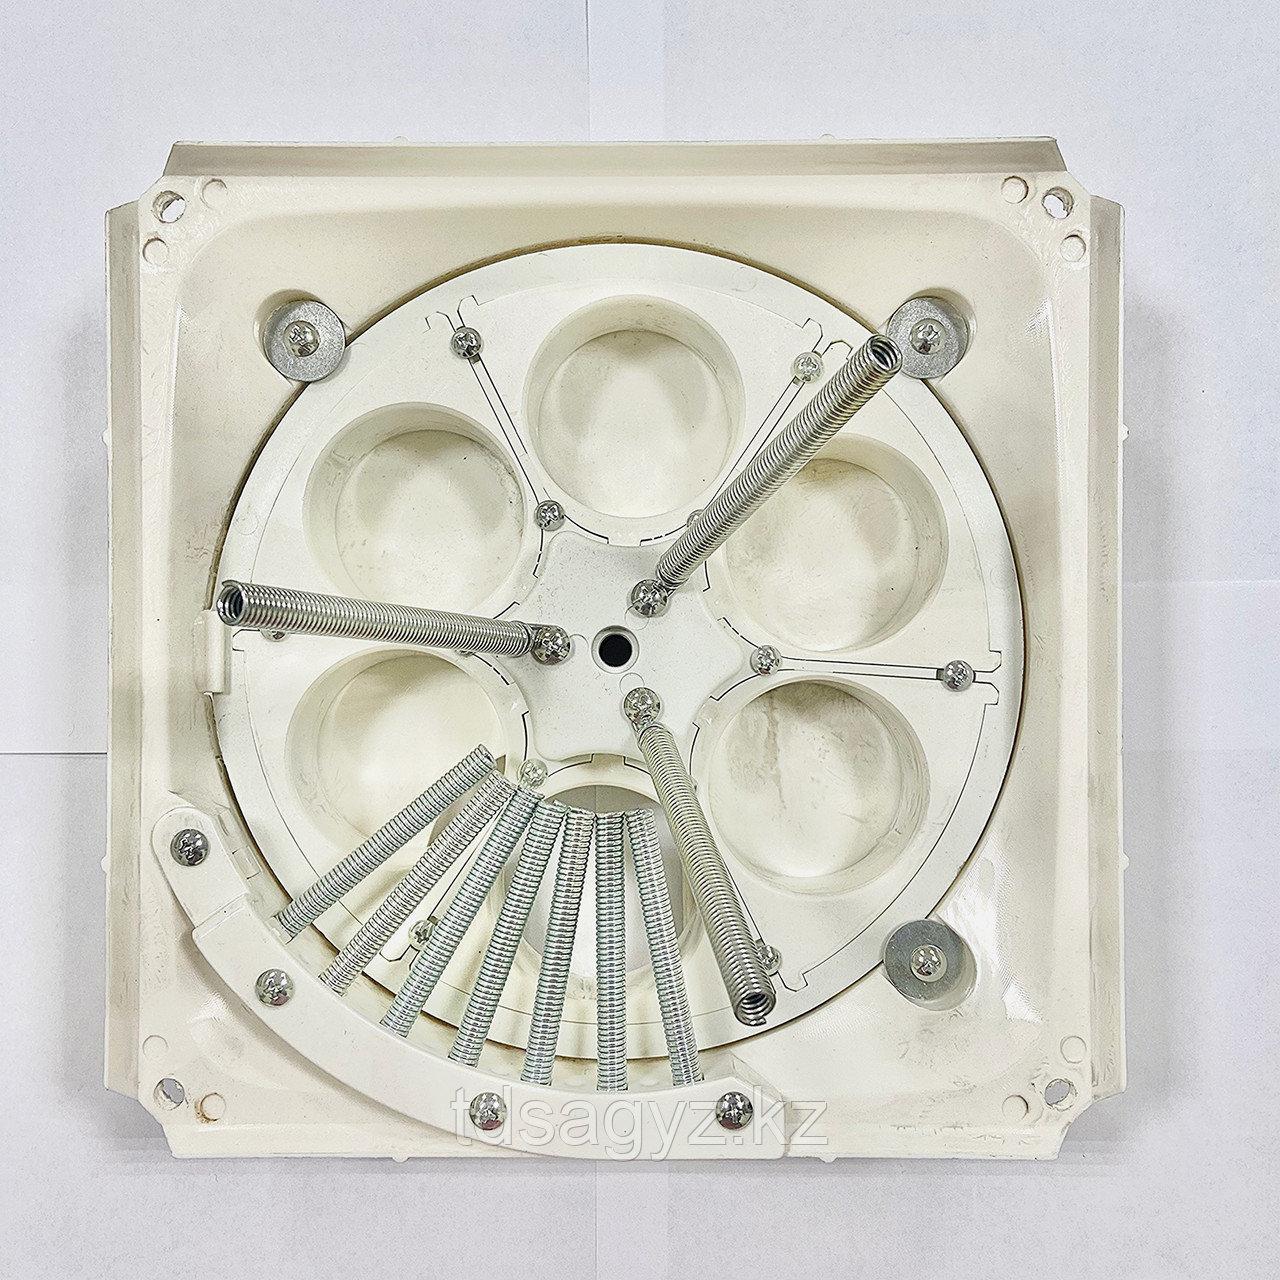 Дозатор для автоматов GV-20-25 (для наполнителей 34 мм и 45 мм)